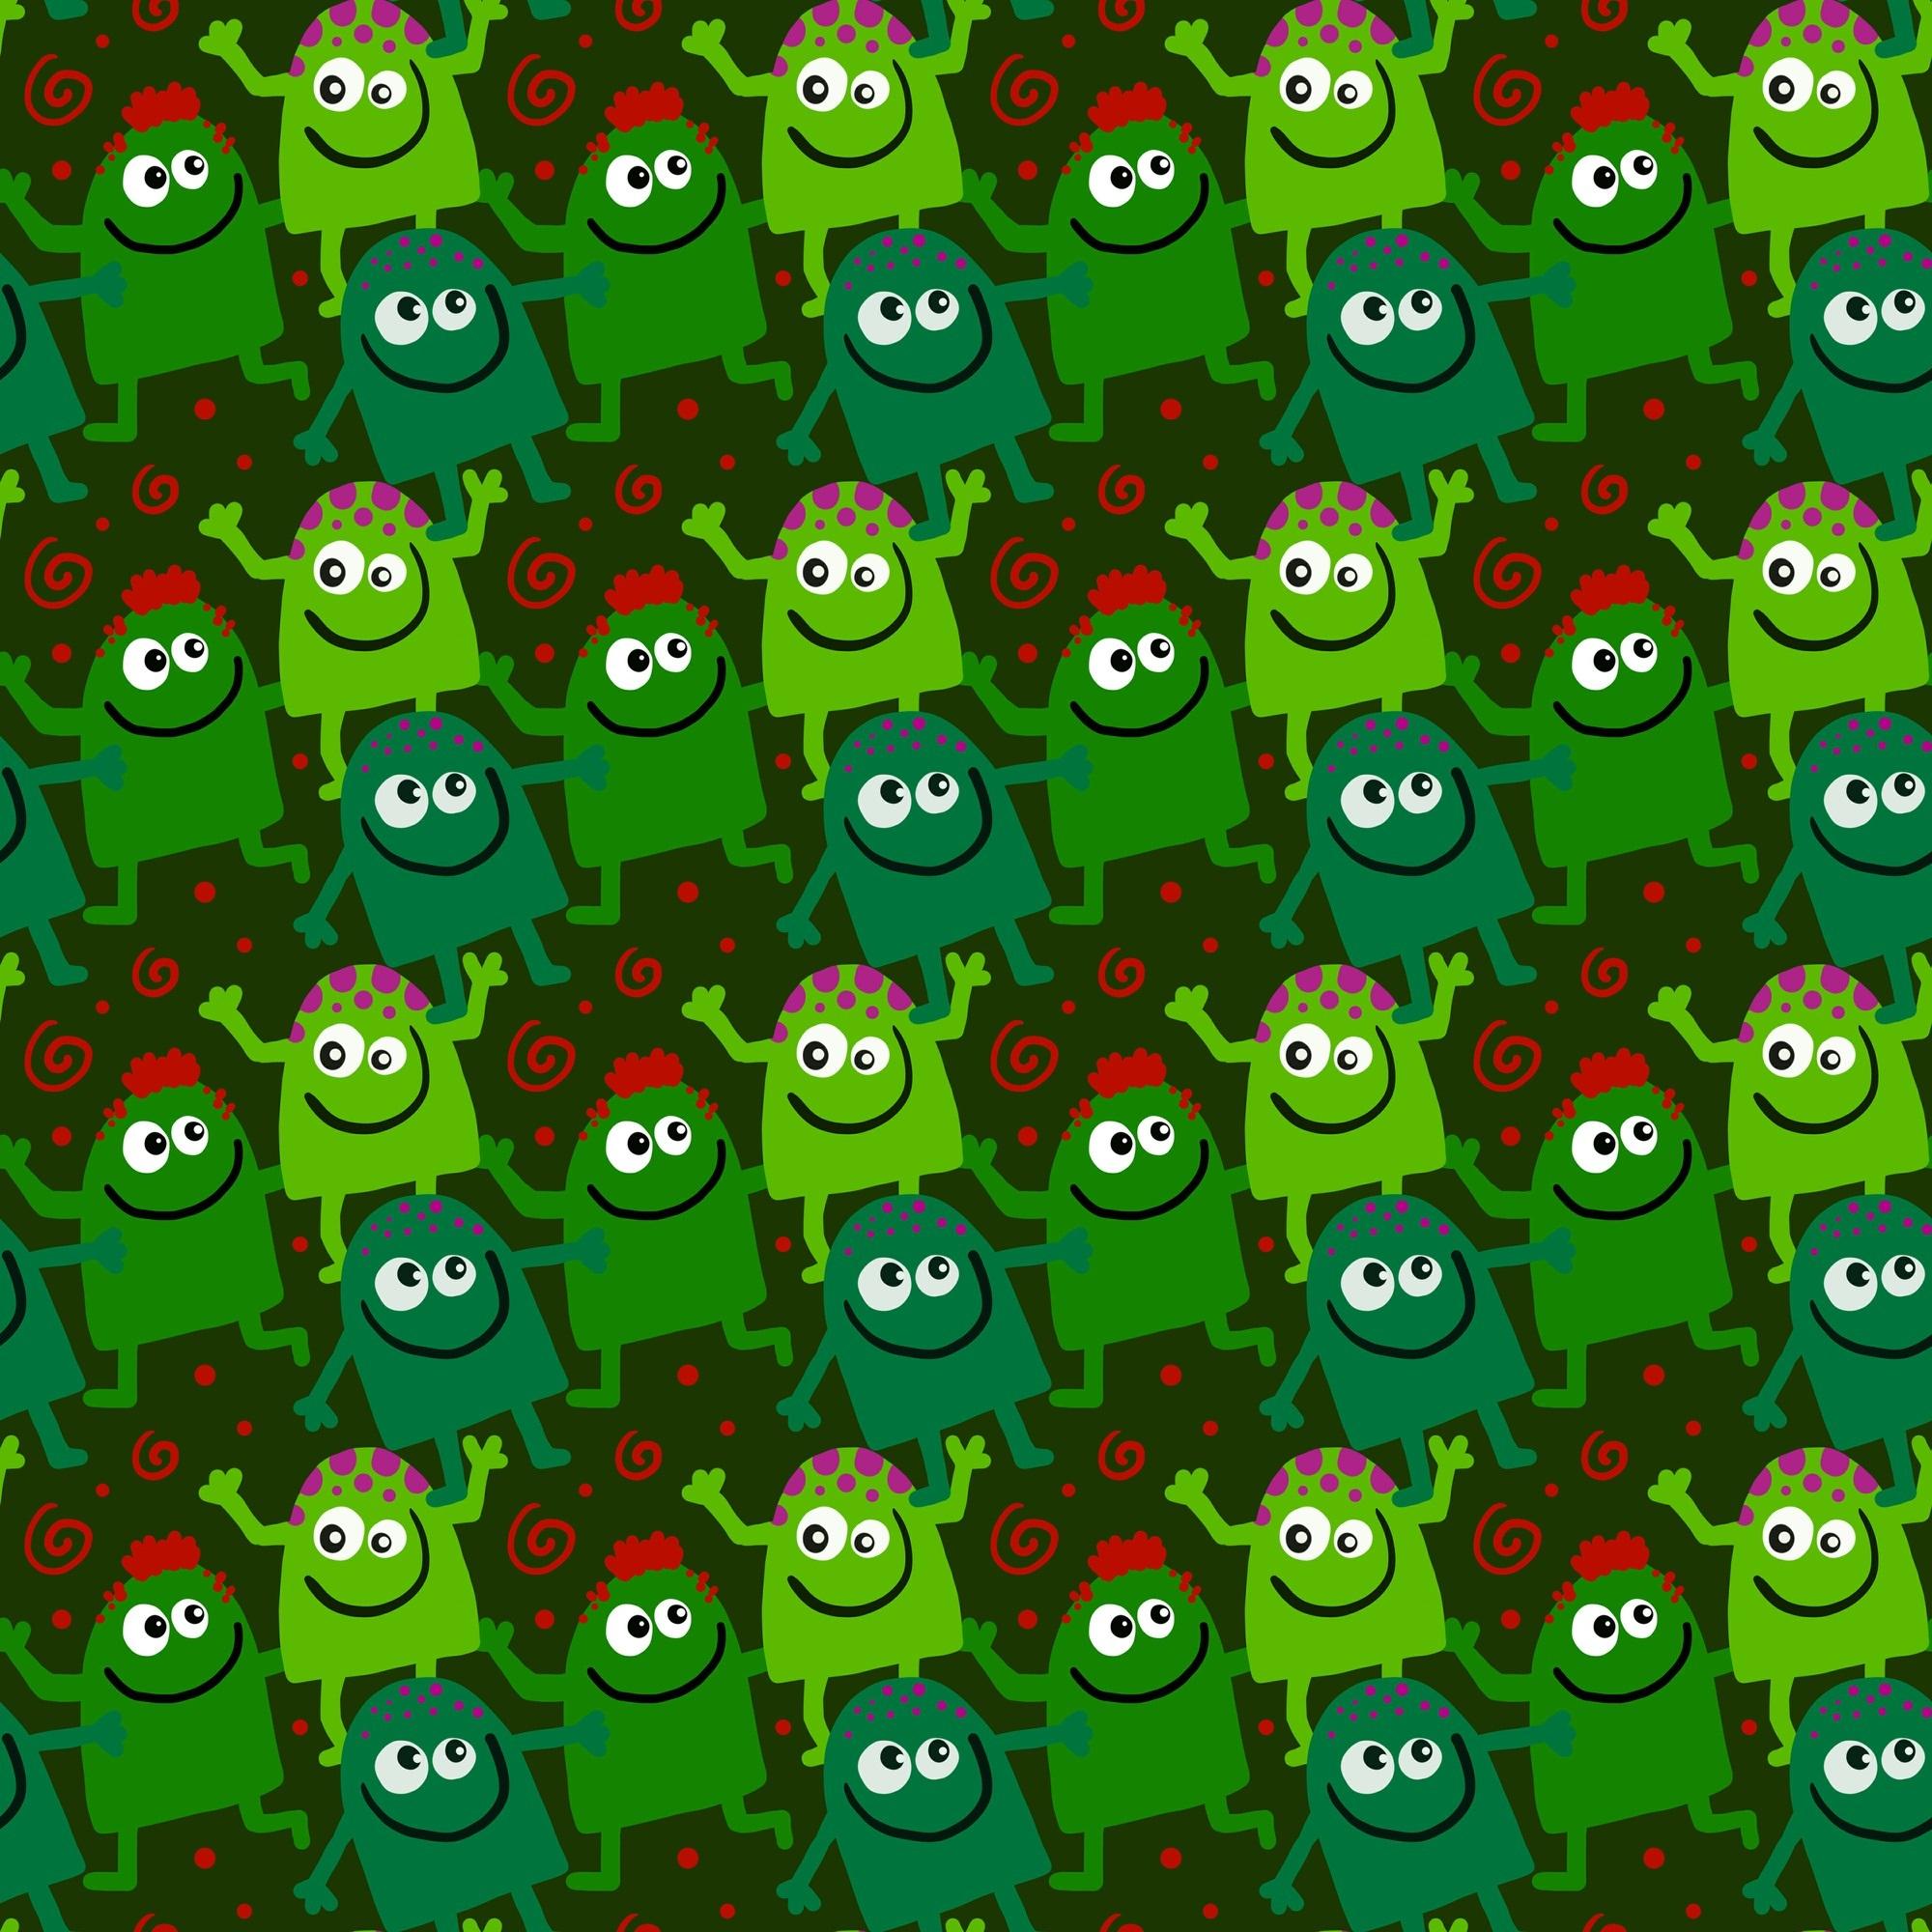 108127 Protetores de tela e papéis de parede Monstros em seu telefone. Baixe Monstros, Vetor, Sorriso, Textura, Sorrir fotos gratuitamente